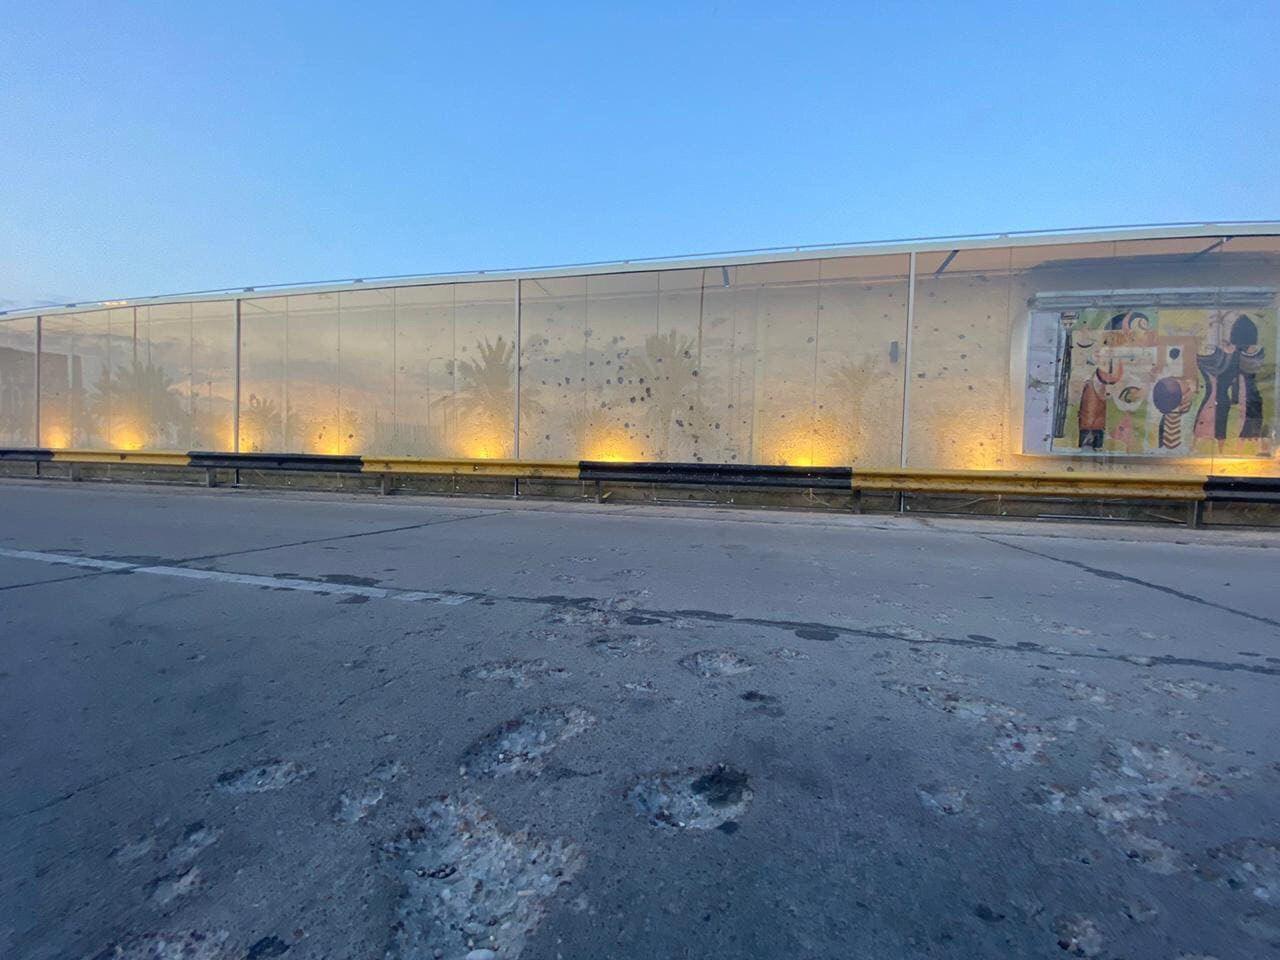 دیوار فرودگاه بغداد، تابلوی جنایت آمریکا علیه رهبران مقاومت+ تصاویر